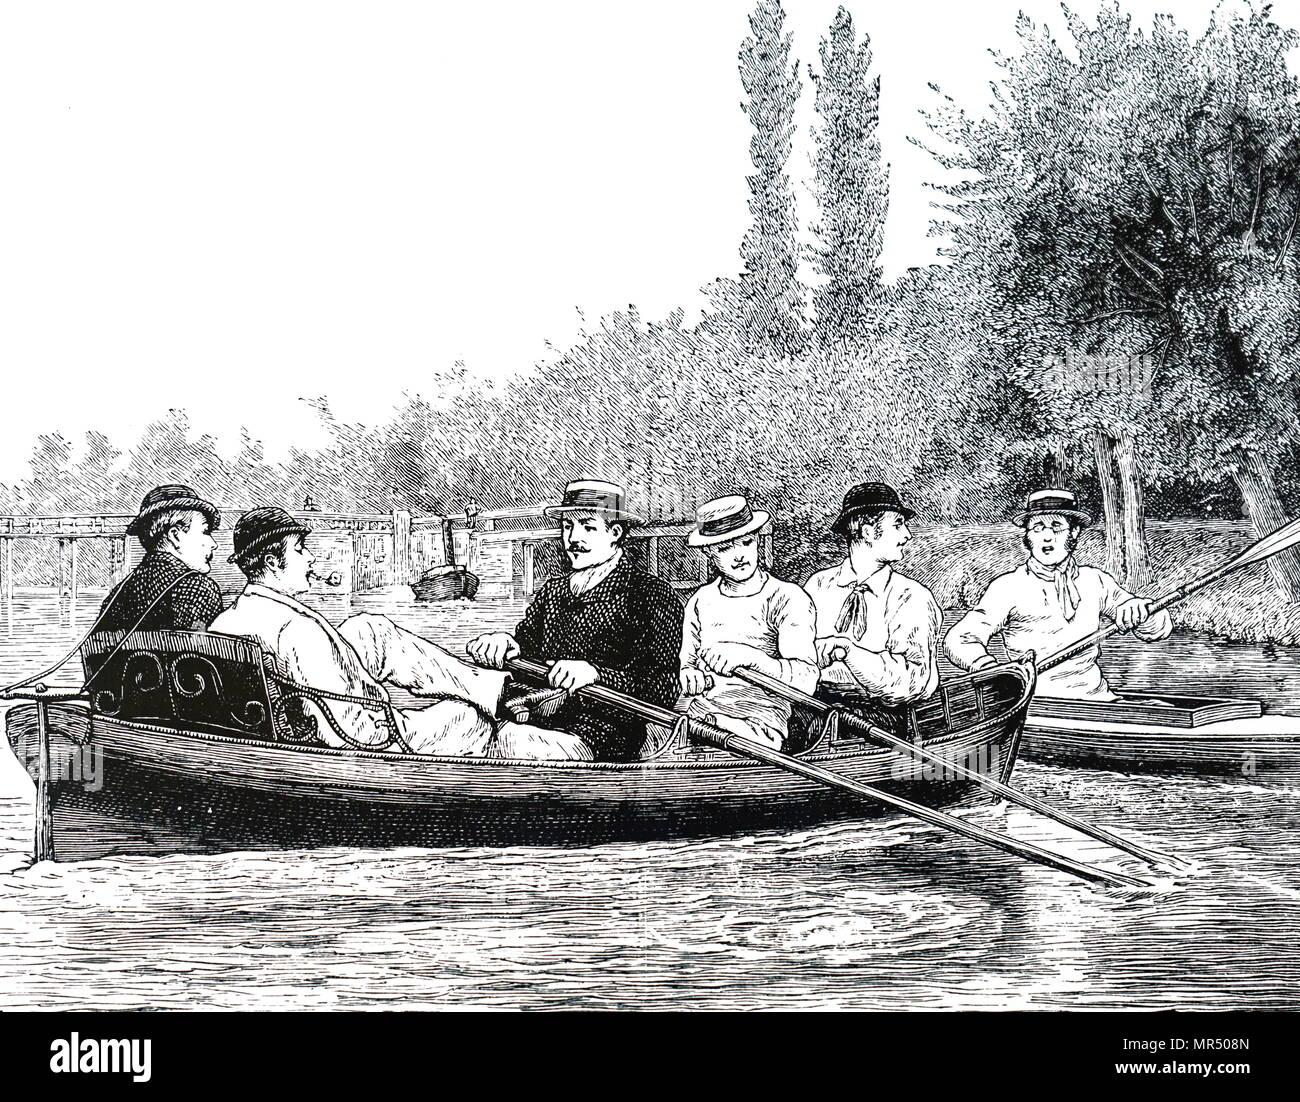 Illustrazione raffigurante Oxford University gli studenti canottaggio sul fiume Iffley. Datata del XIX secolo Immagini Stock